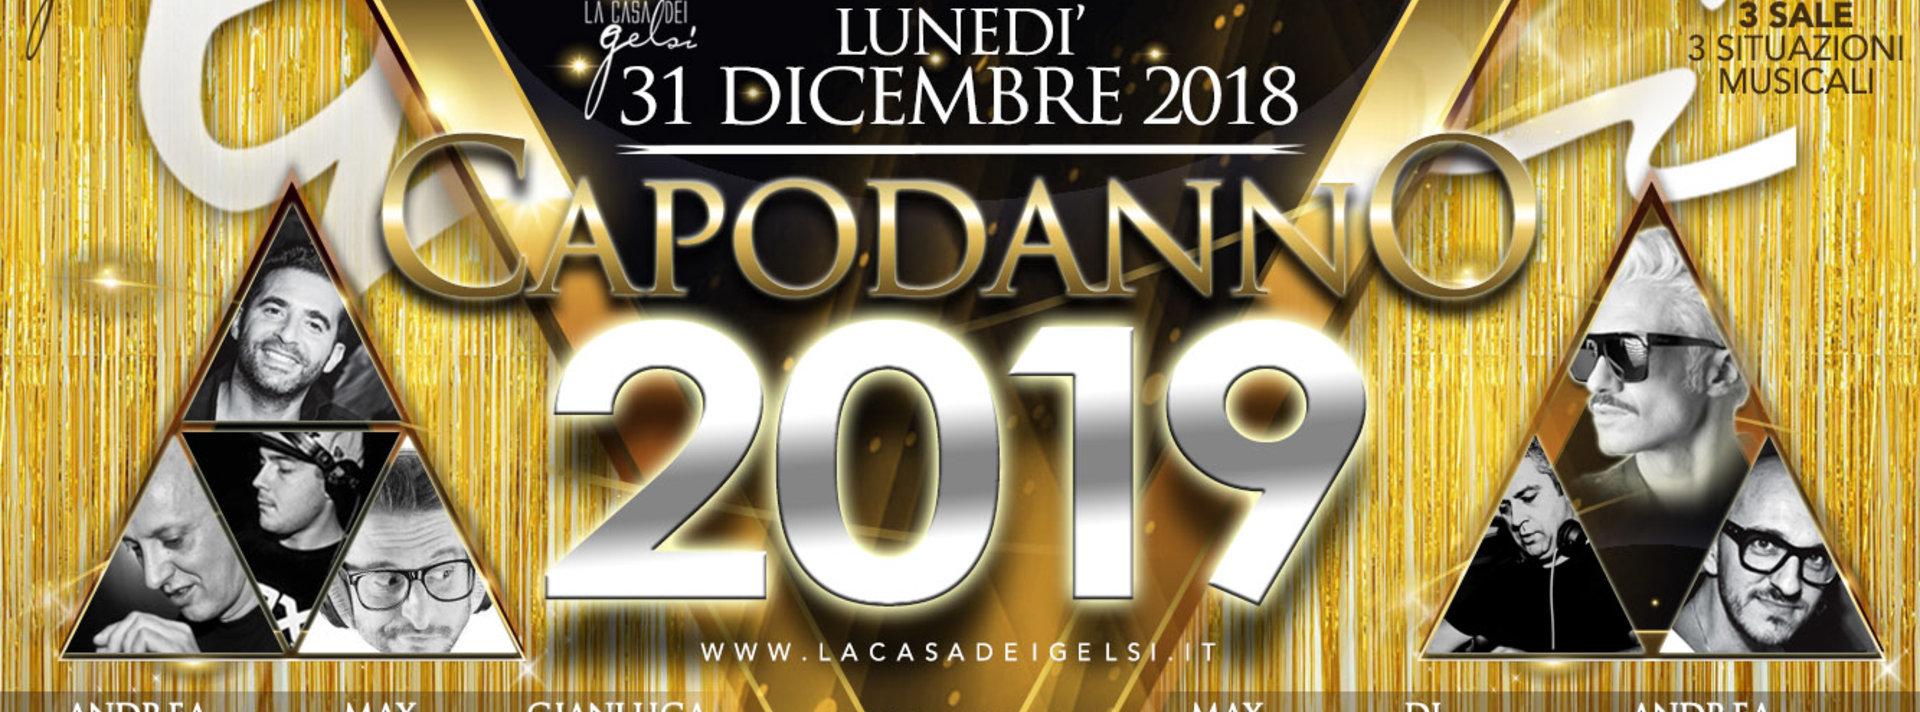 Capodanno 2019 ai Gelsi Bassano e dintorni